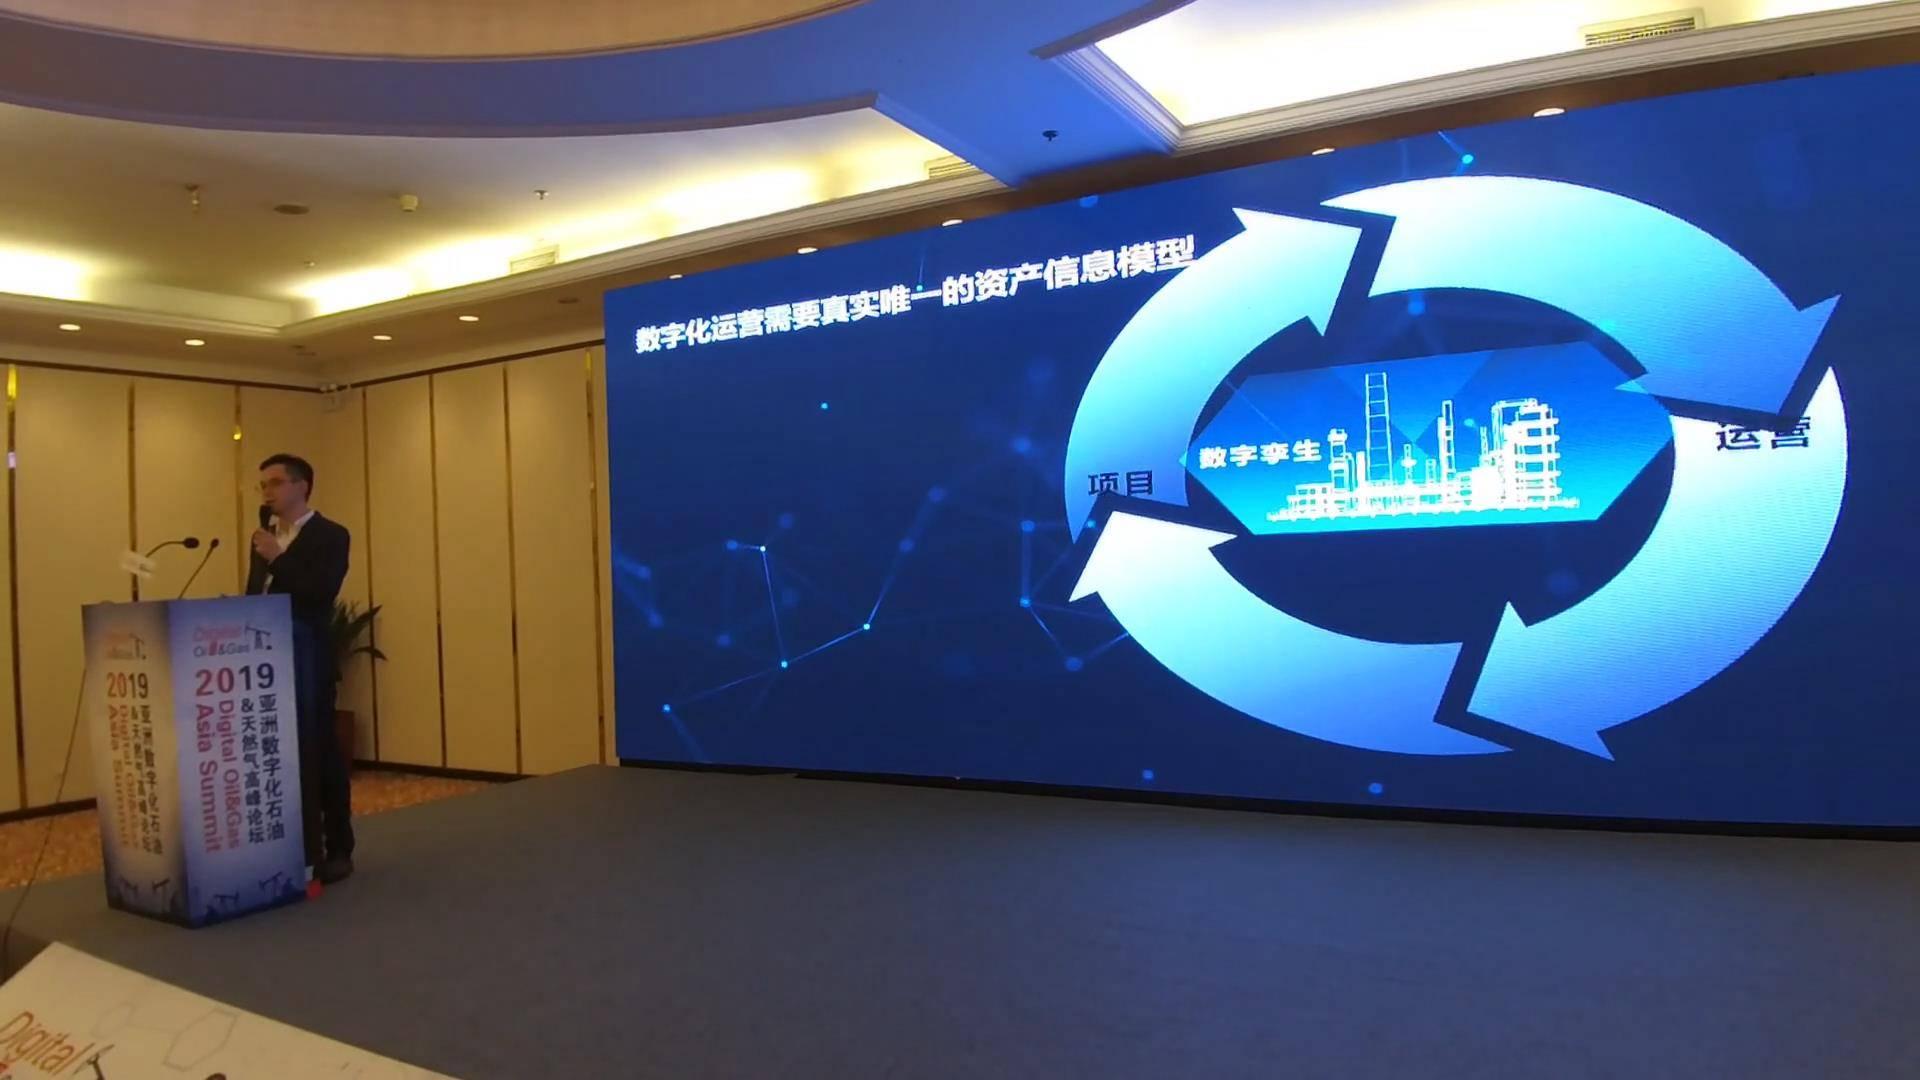 张鑫:多为度构建数字化资产模型